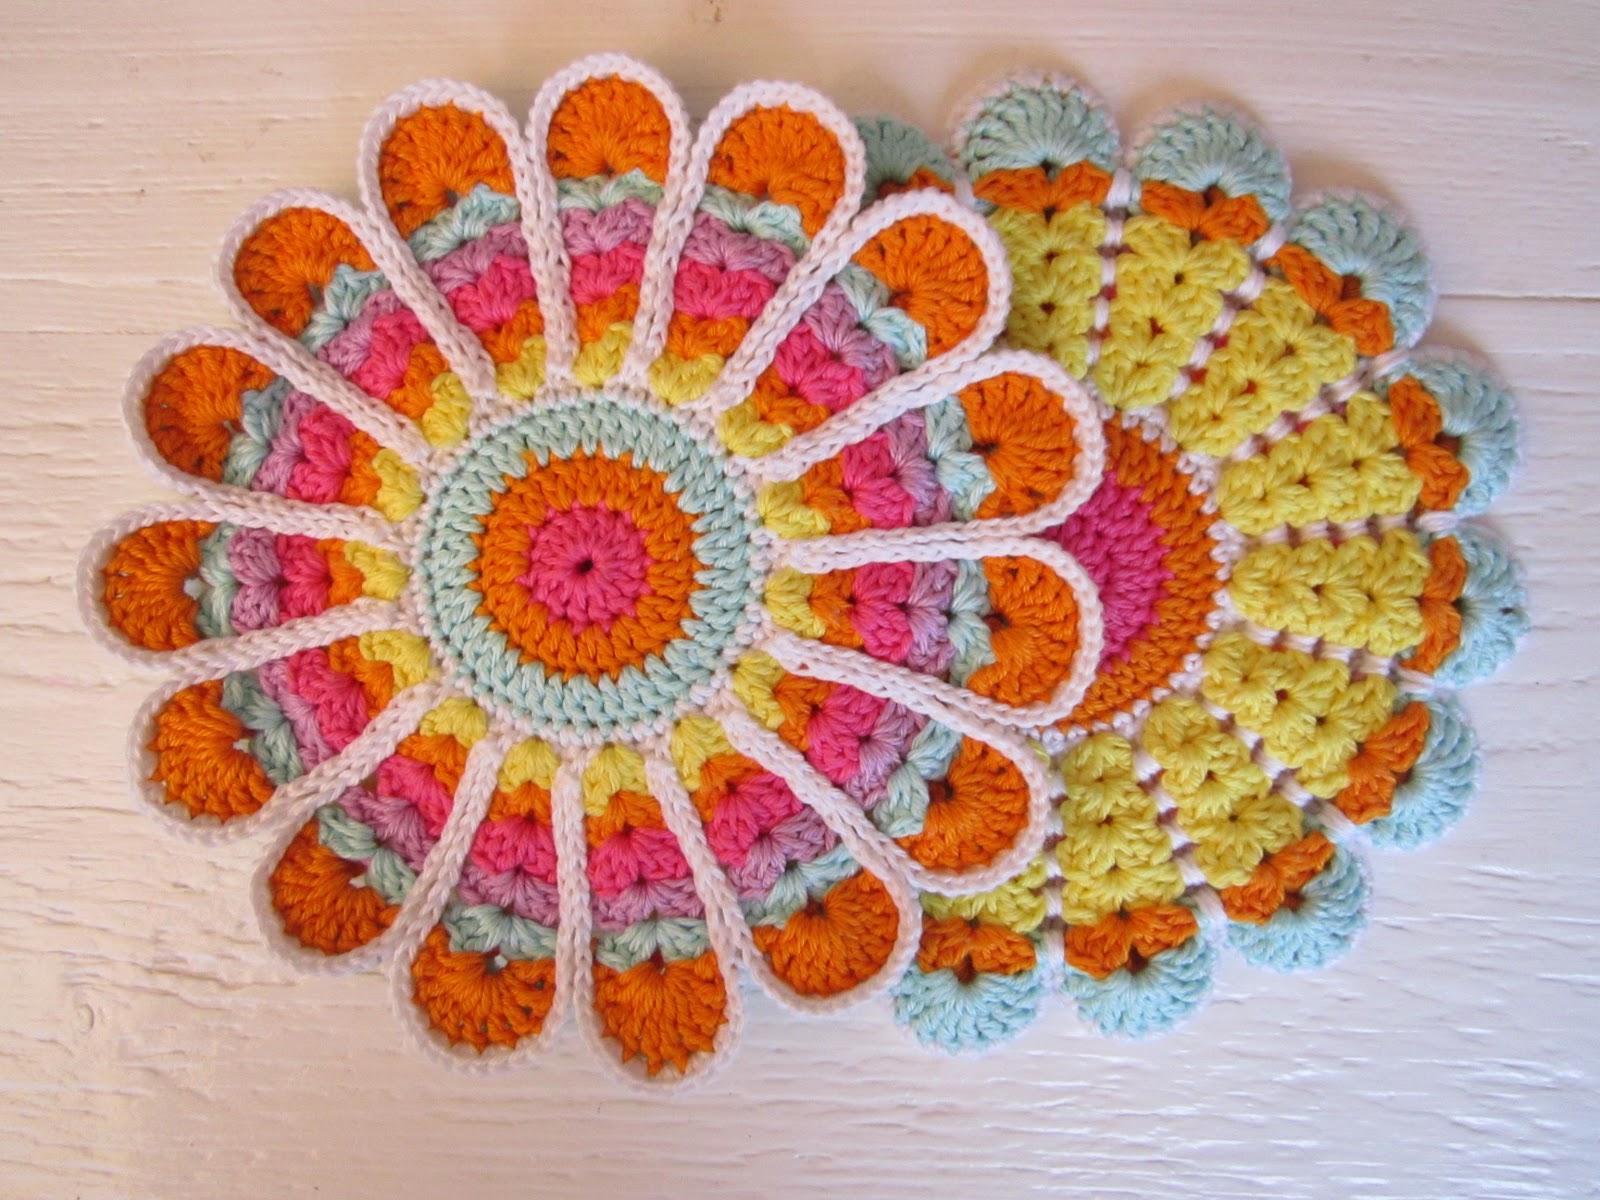 Crochet Flower Potholder Pattern : Color n Cream Crochet and Dream: Tutorial Vintage Flower ...